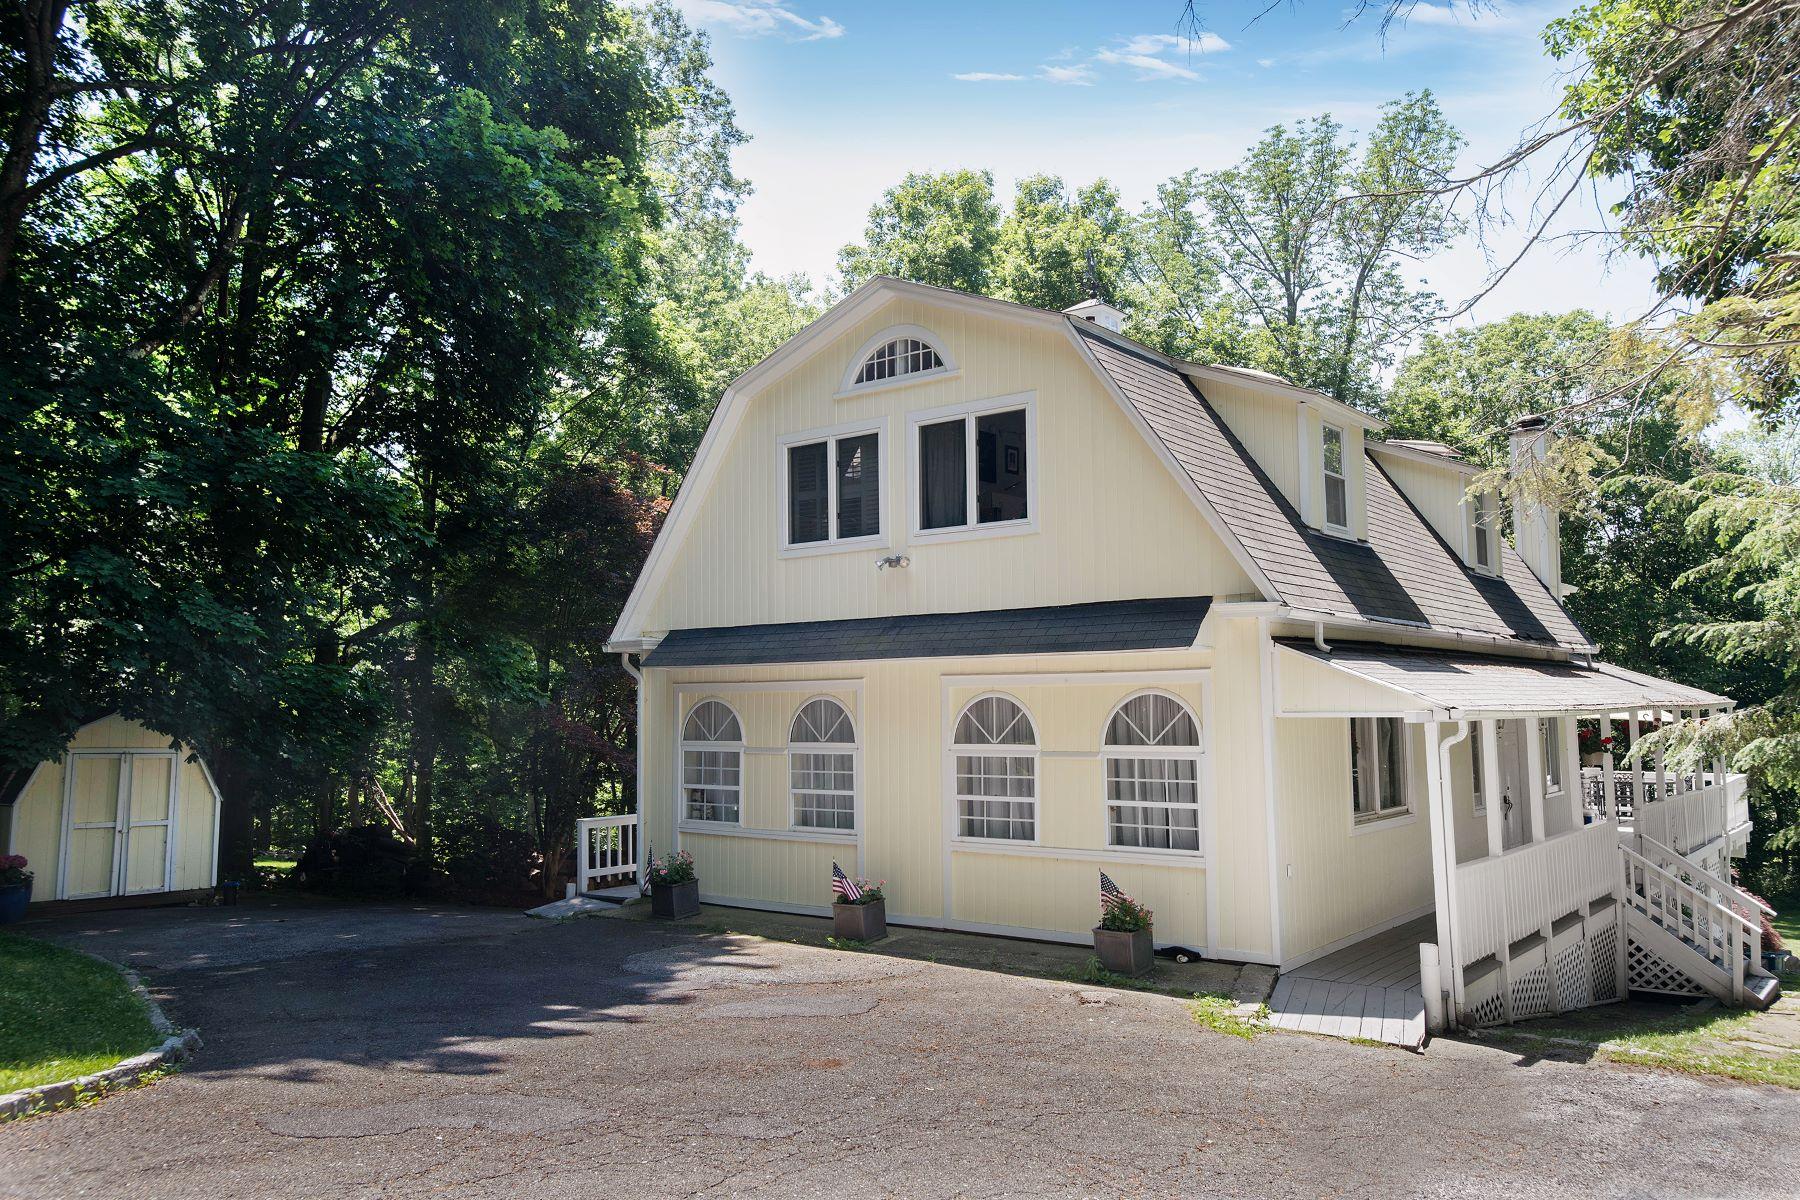 独户住宅 为 出租 在 126 Brushy Ridge Road 新迦南, 康涅狄格州, 06840 美国